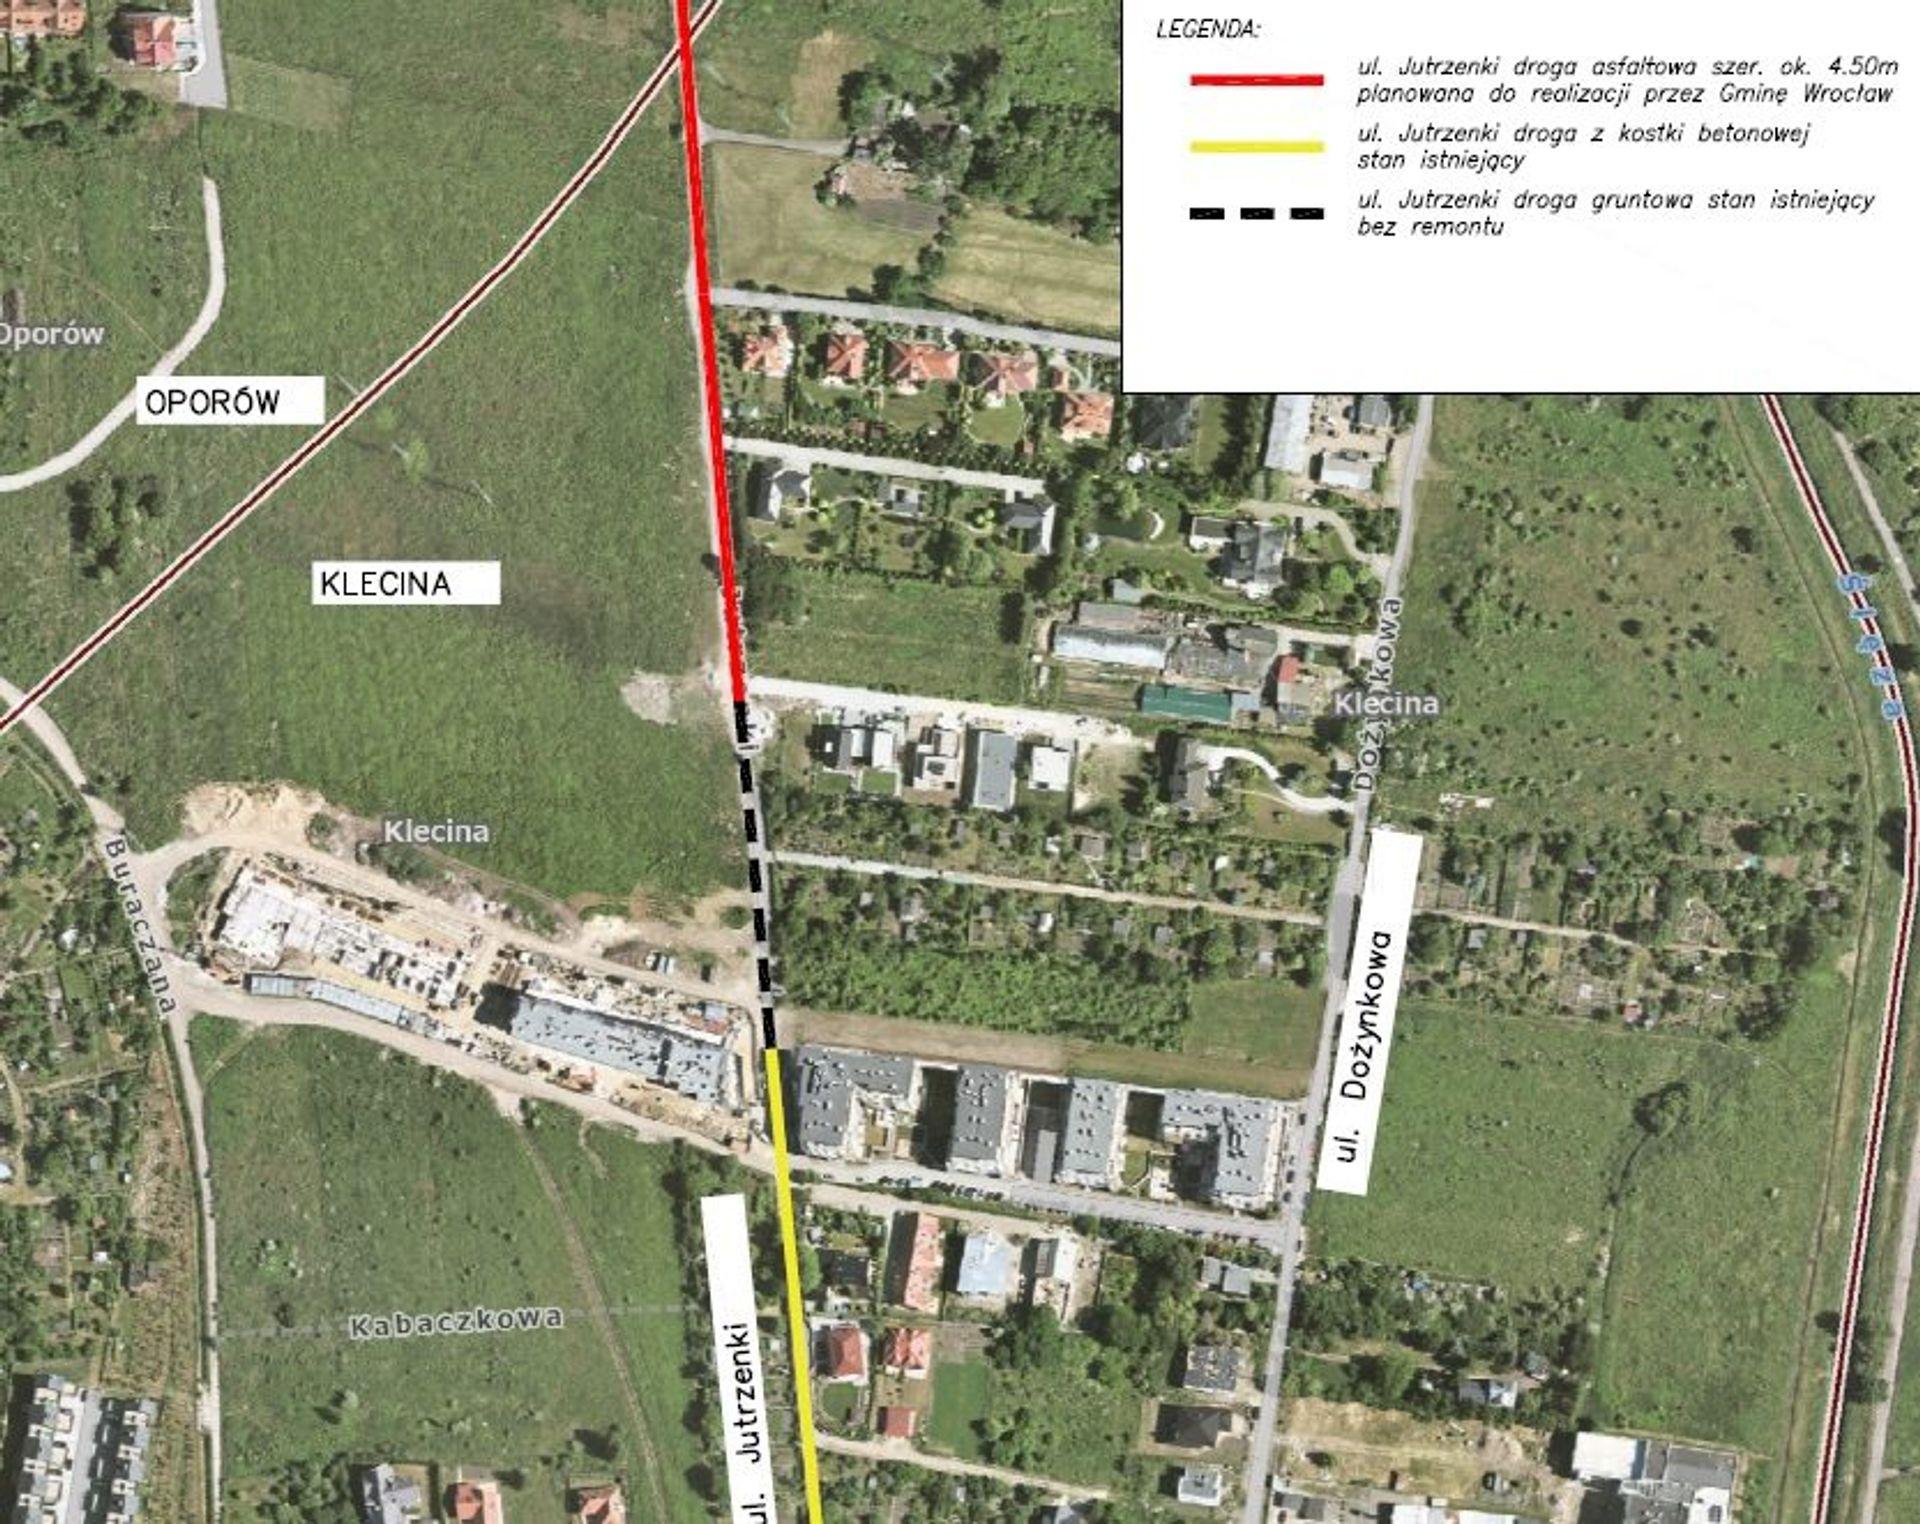 Sąsiedzkie rady osiedla są zgodne – nie chcą przedzielenia ulicy Jutrzenki